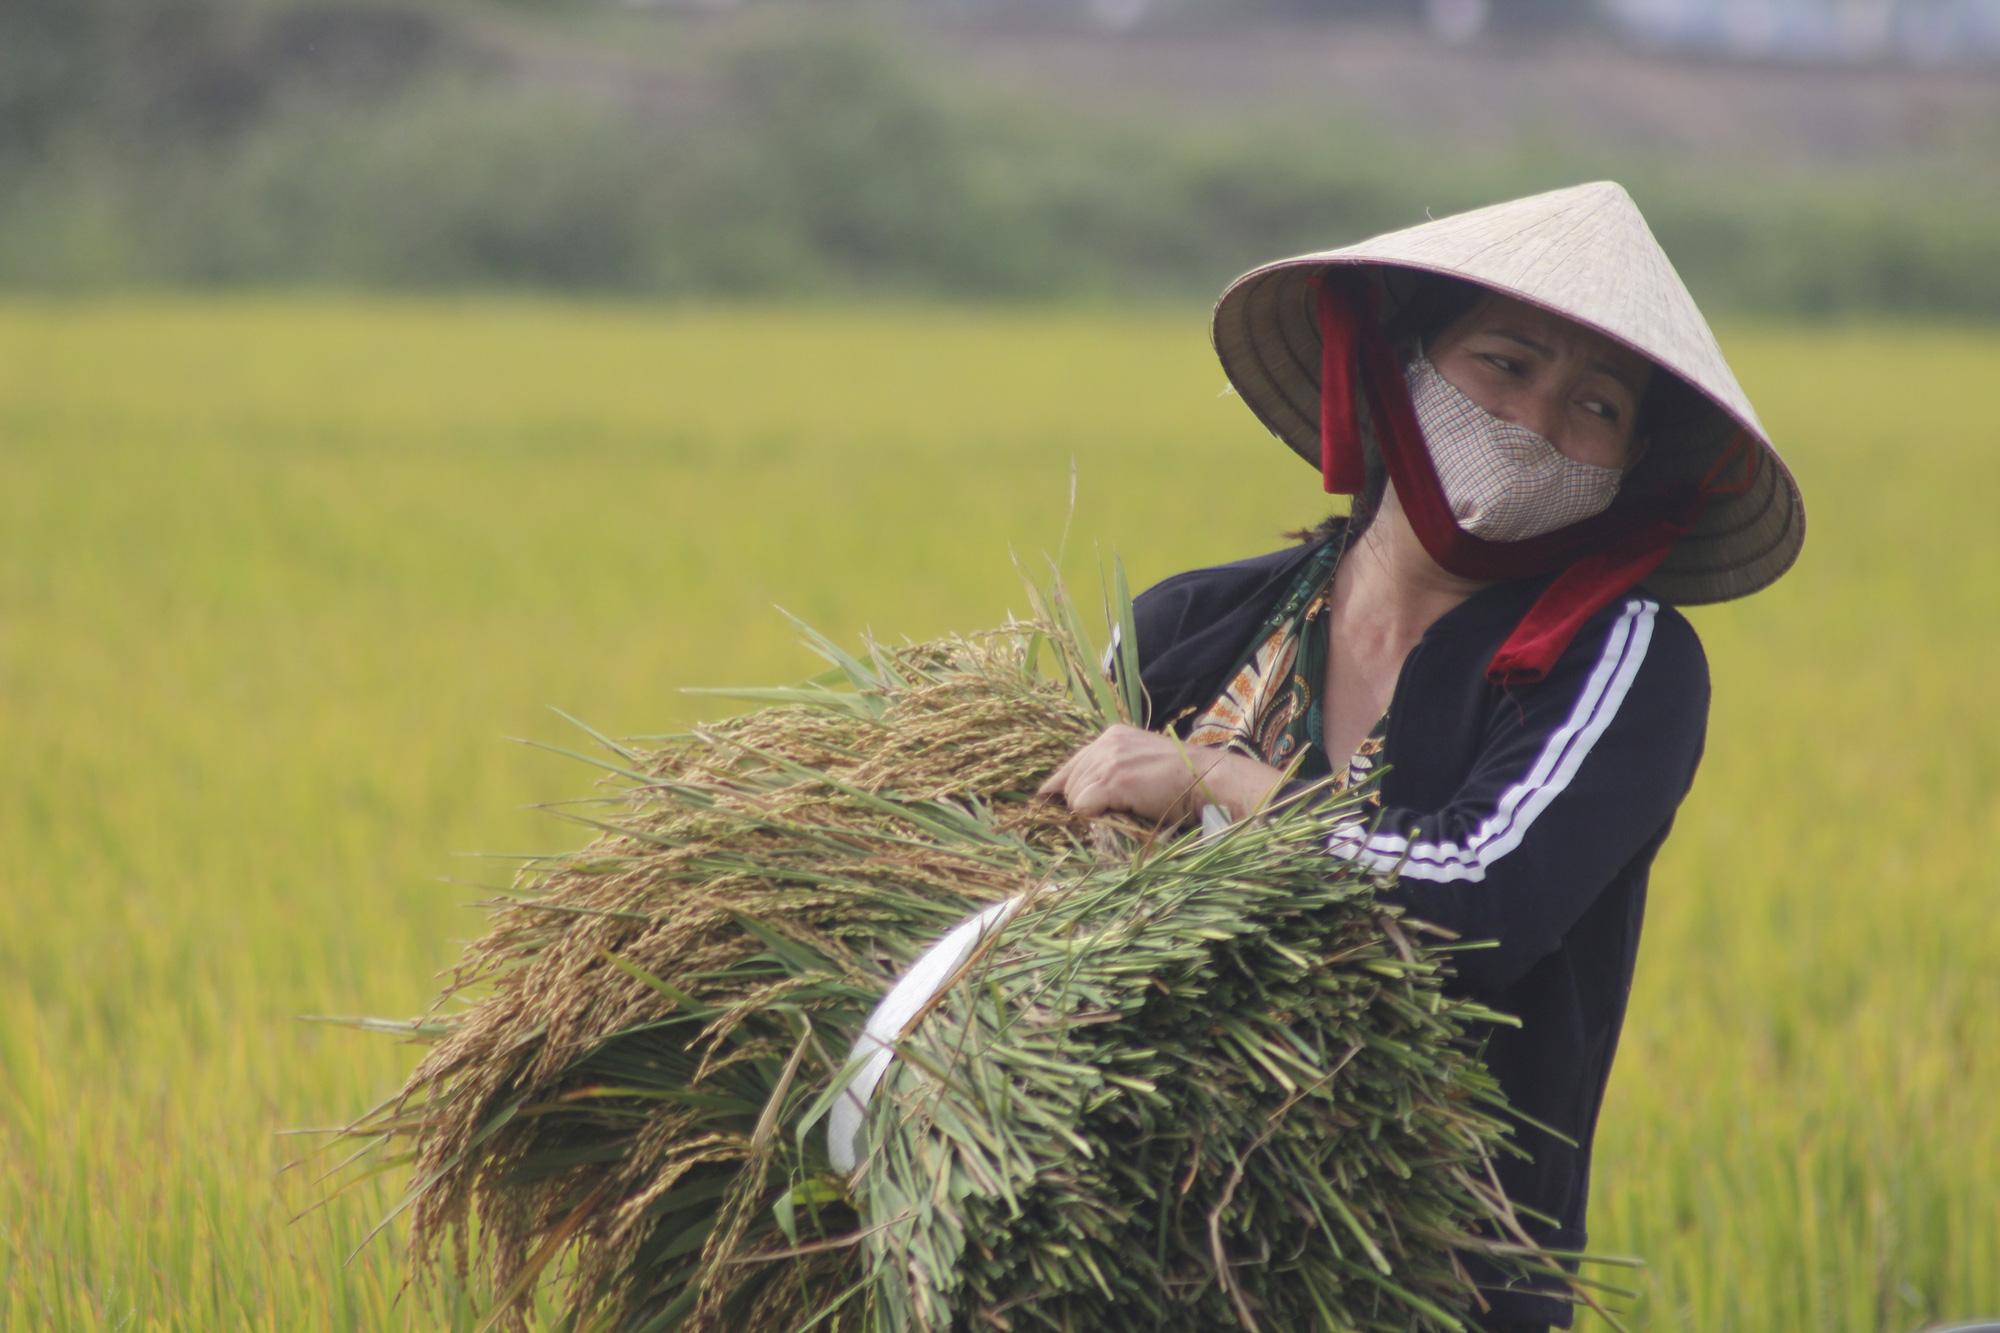 Quảng Bình: Nông dân vật vã gặt lúa dưới cái nắng  40 độ C  - Ảnh 1.